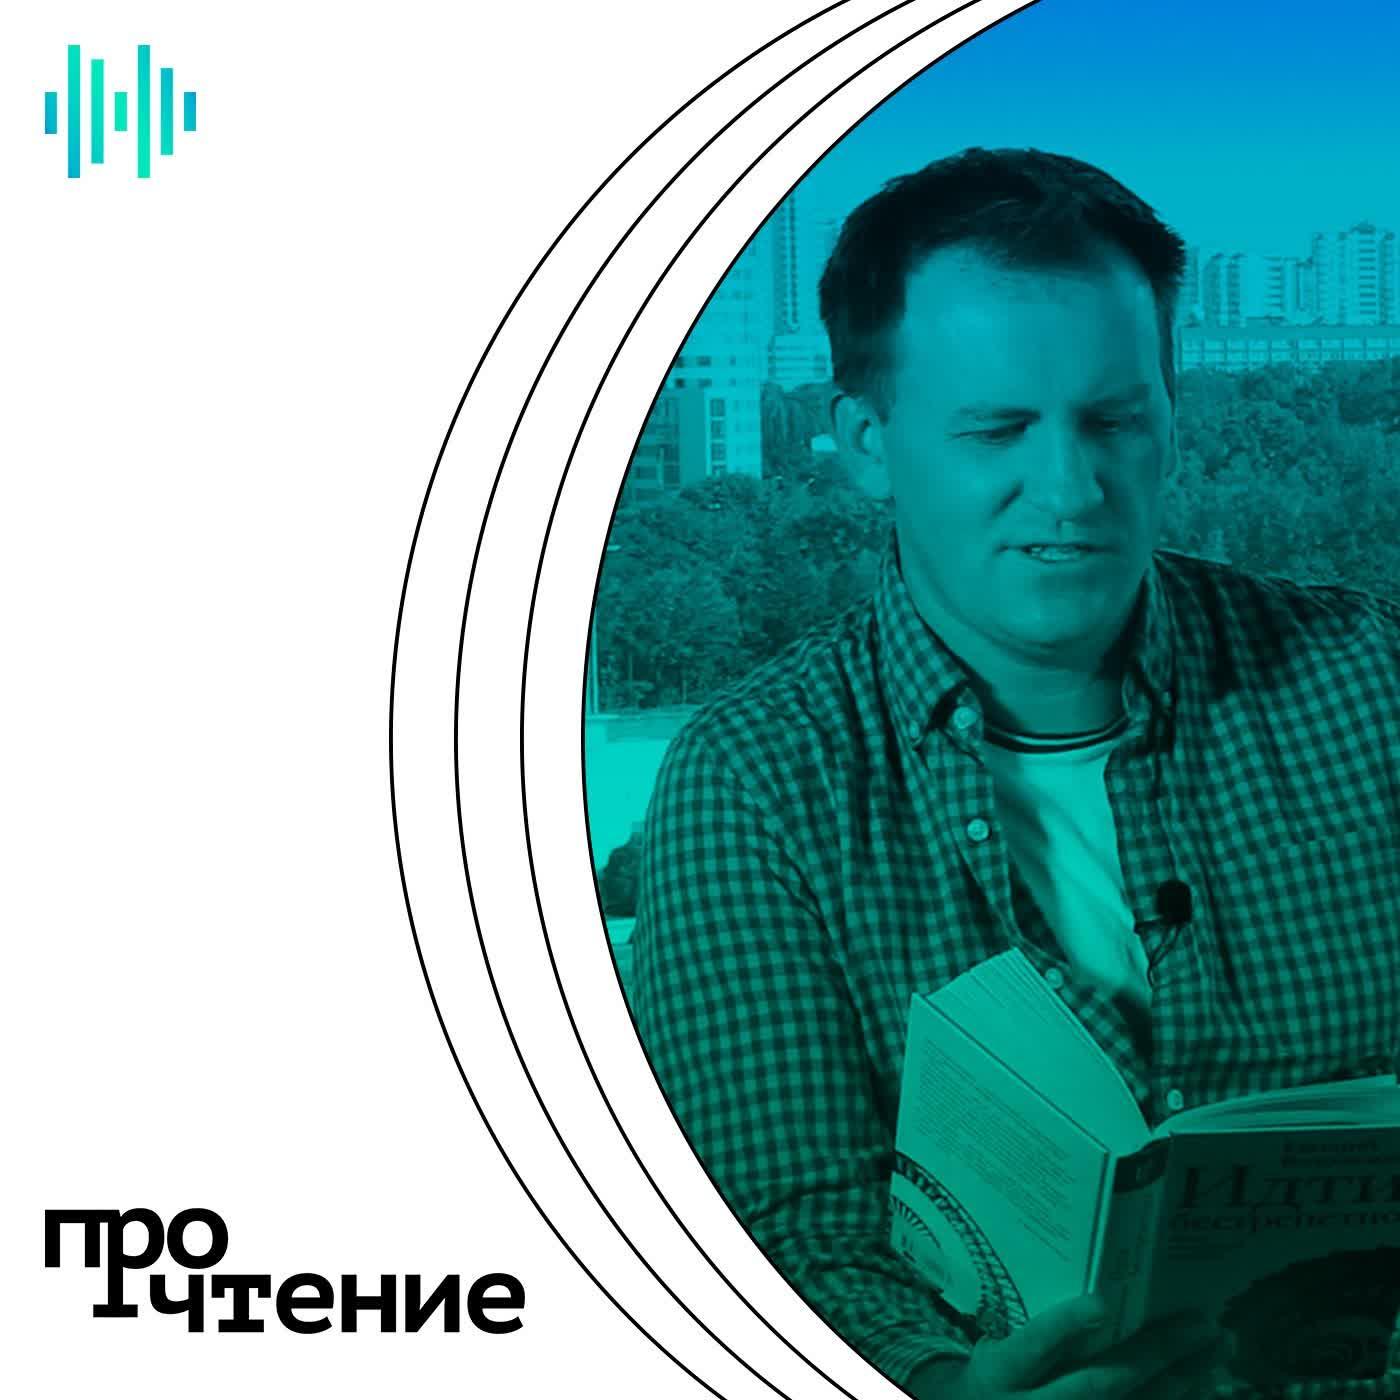 ПроЧтение #2 – Илья Марков читает «Идти бестрепетно. Между литературой и жизнью» Евгения Водолазкина